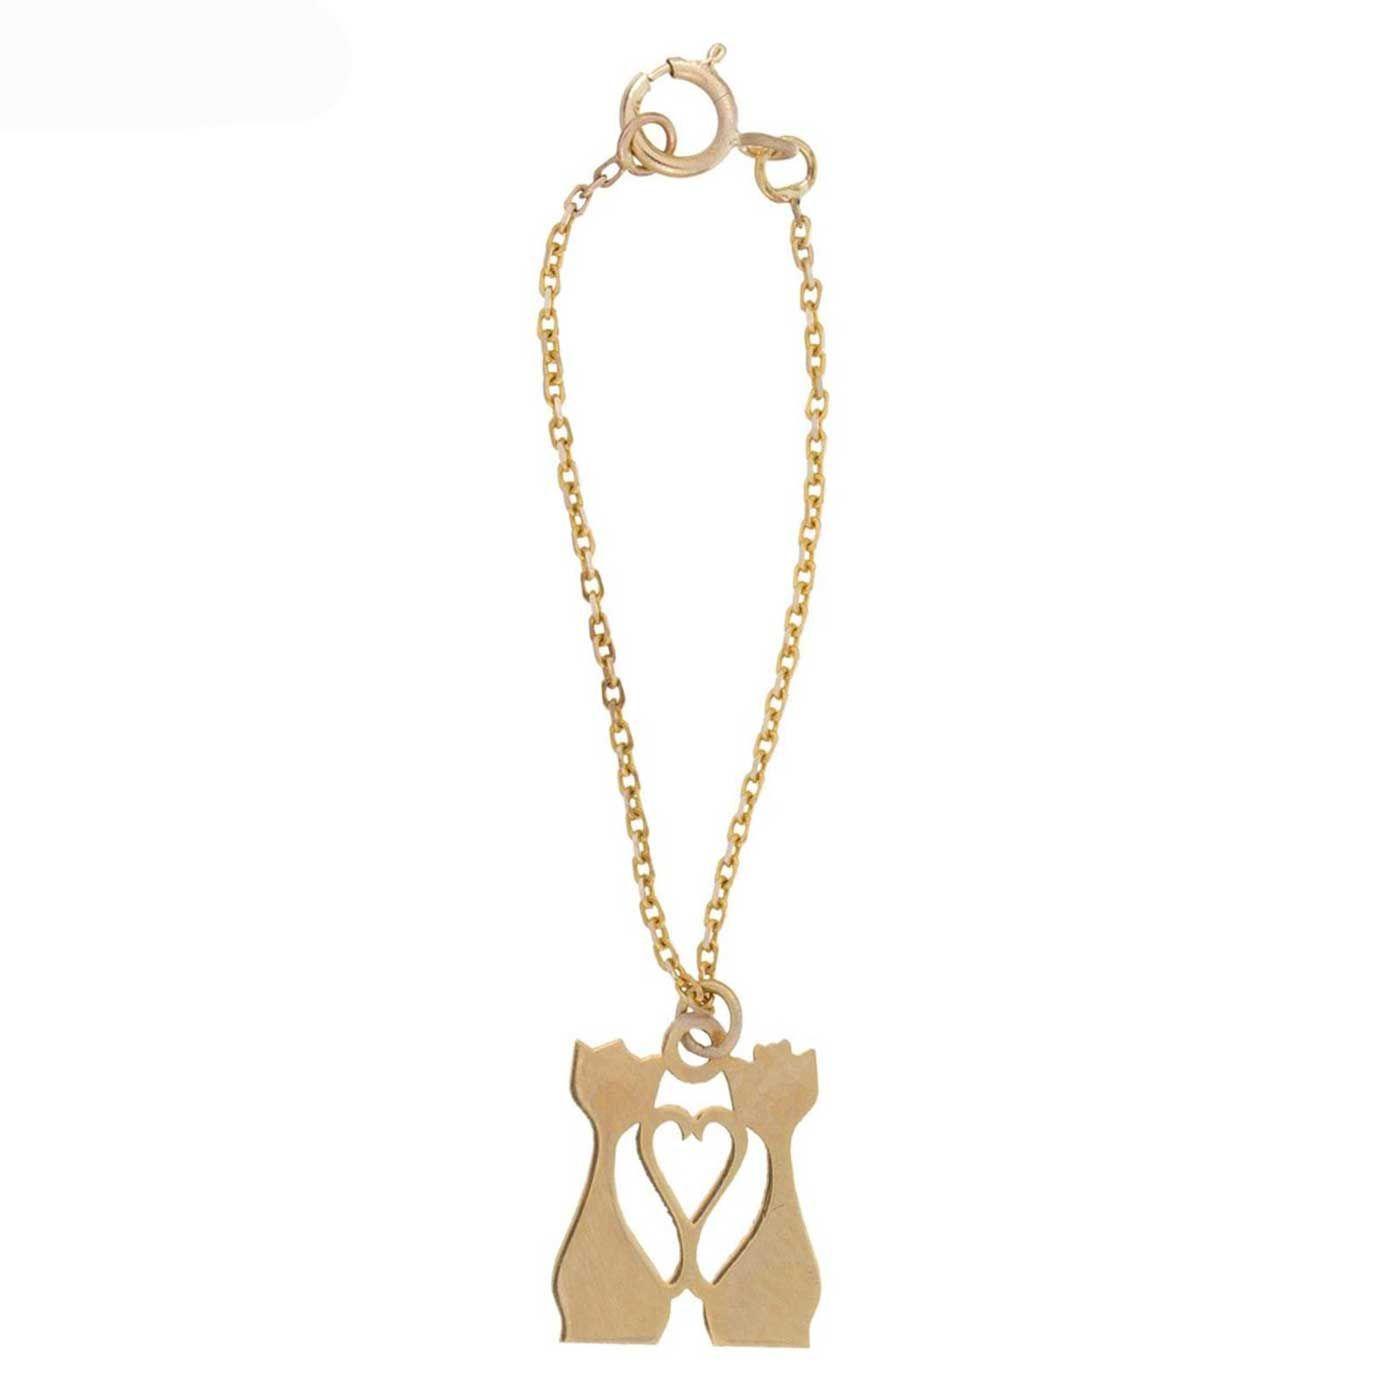 آویز ساعت طلا 18 عیار زنانه کانیار گالری کد AS26 -  - 1